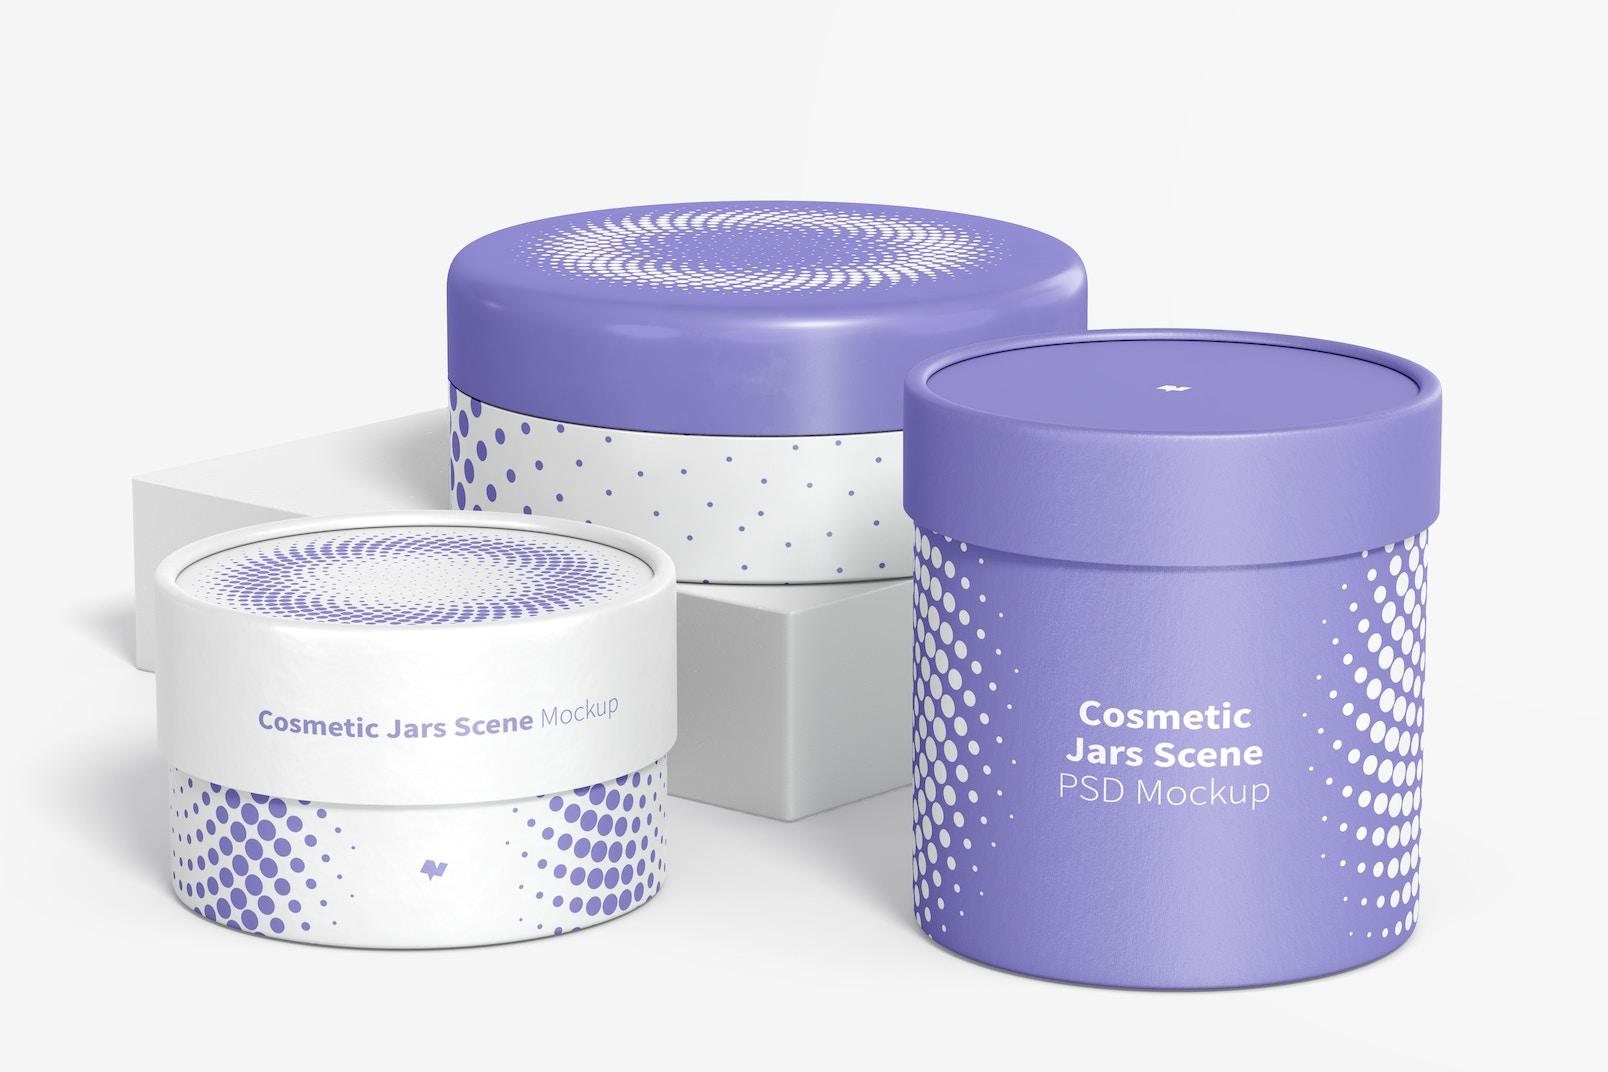 Cosmetic Jars Scene Mockup 02